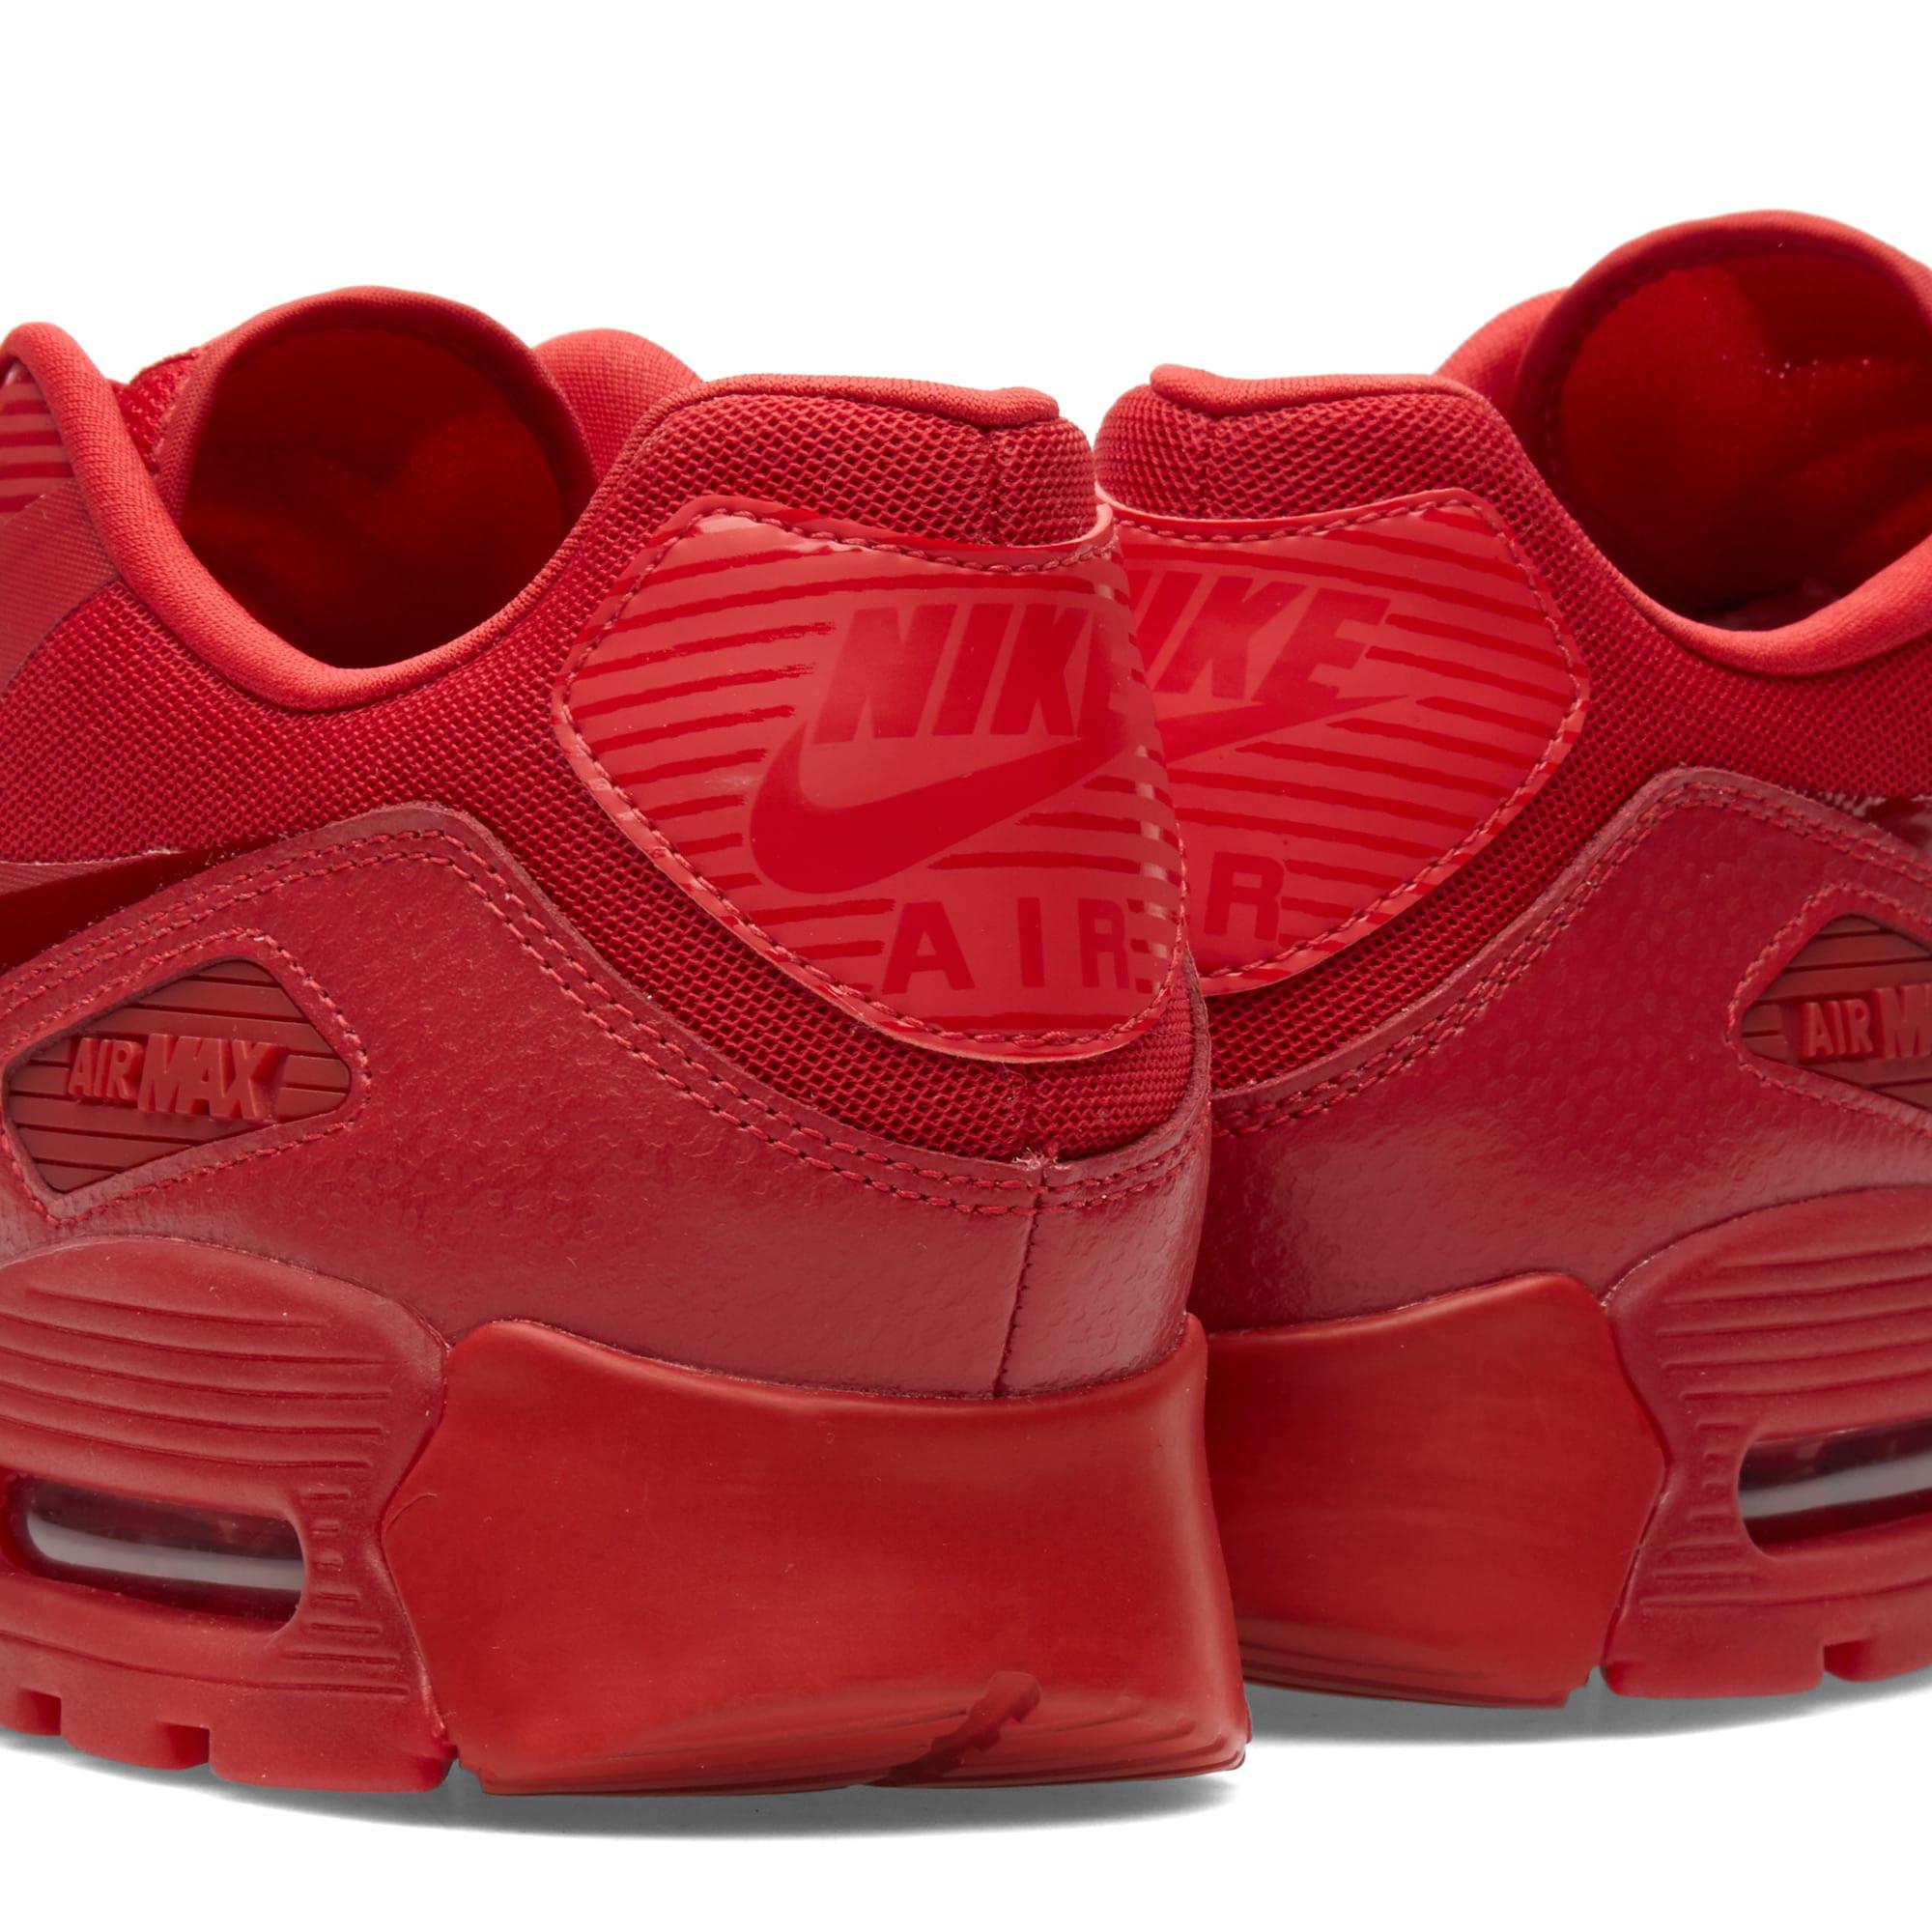 official photos 24fb7 a13c7 Nike W Air Max 90 Ultra Essential